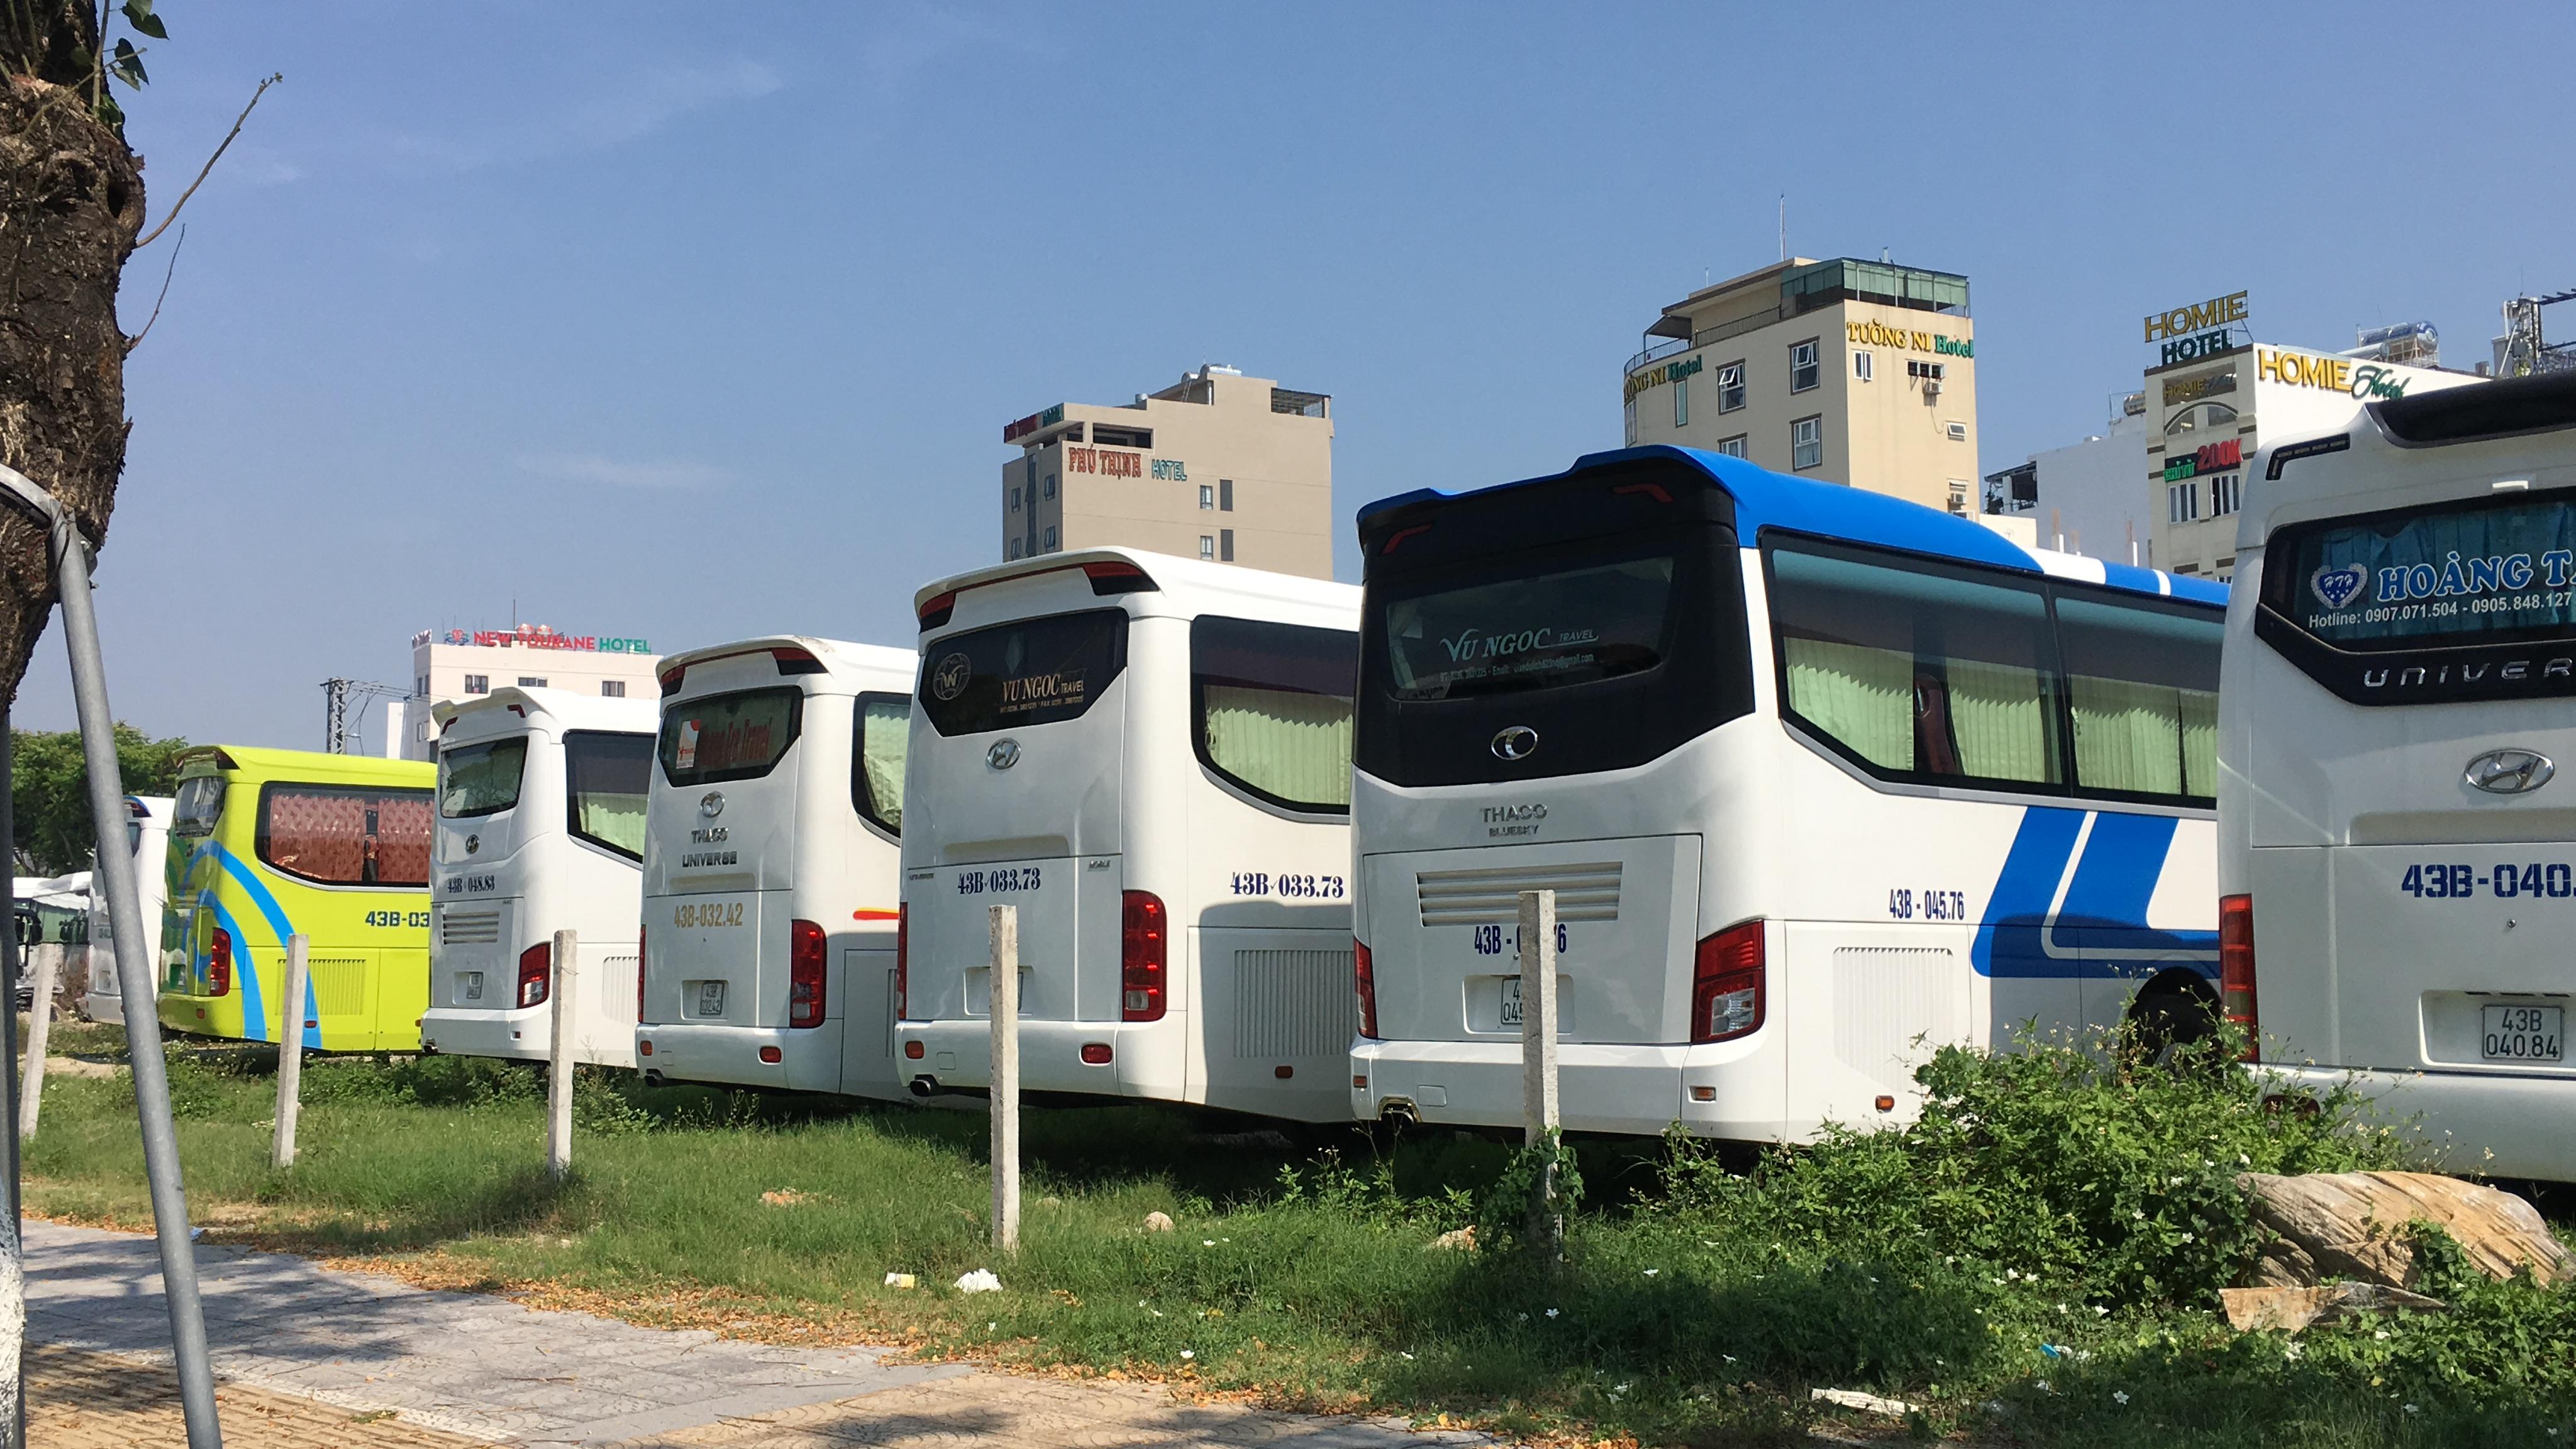 Đà Nẵng: Khách du lịch không đến, không chỉ có khách sạn mà người bán vỉa hè, hàng rong đến nhà hàng, phương tiện vận tải cũng chật vật theo - Ảnh 3.